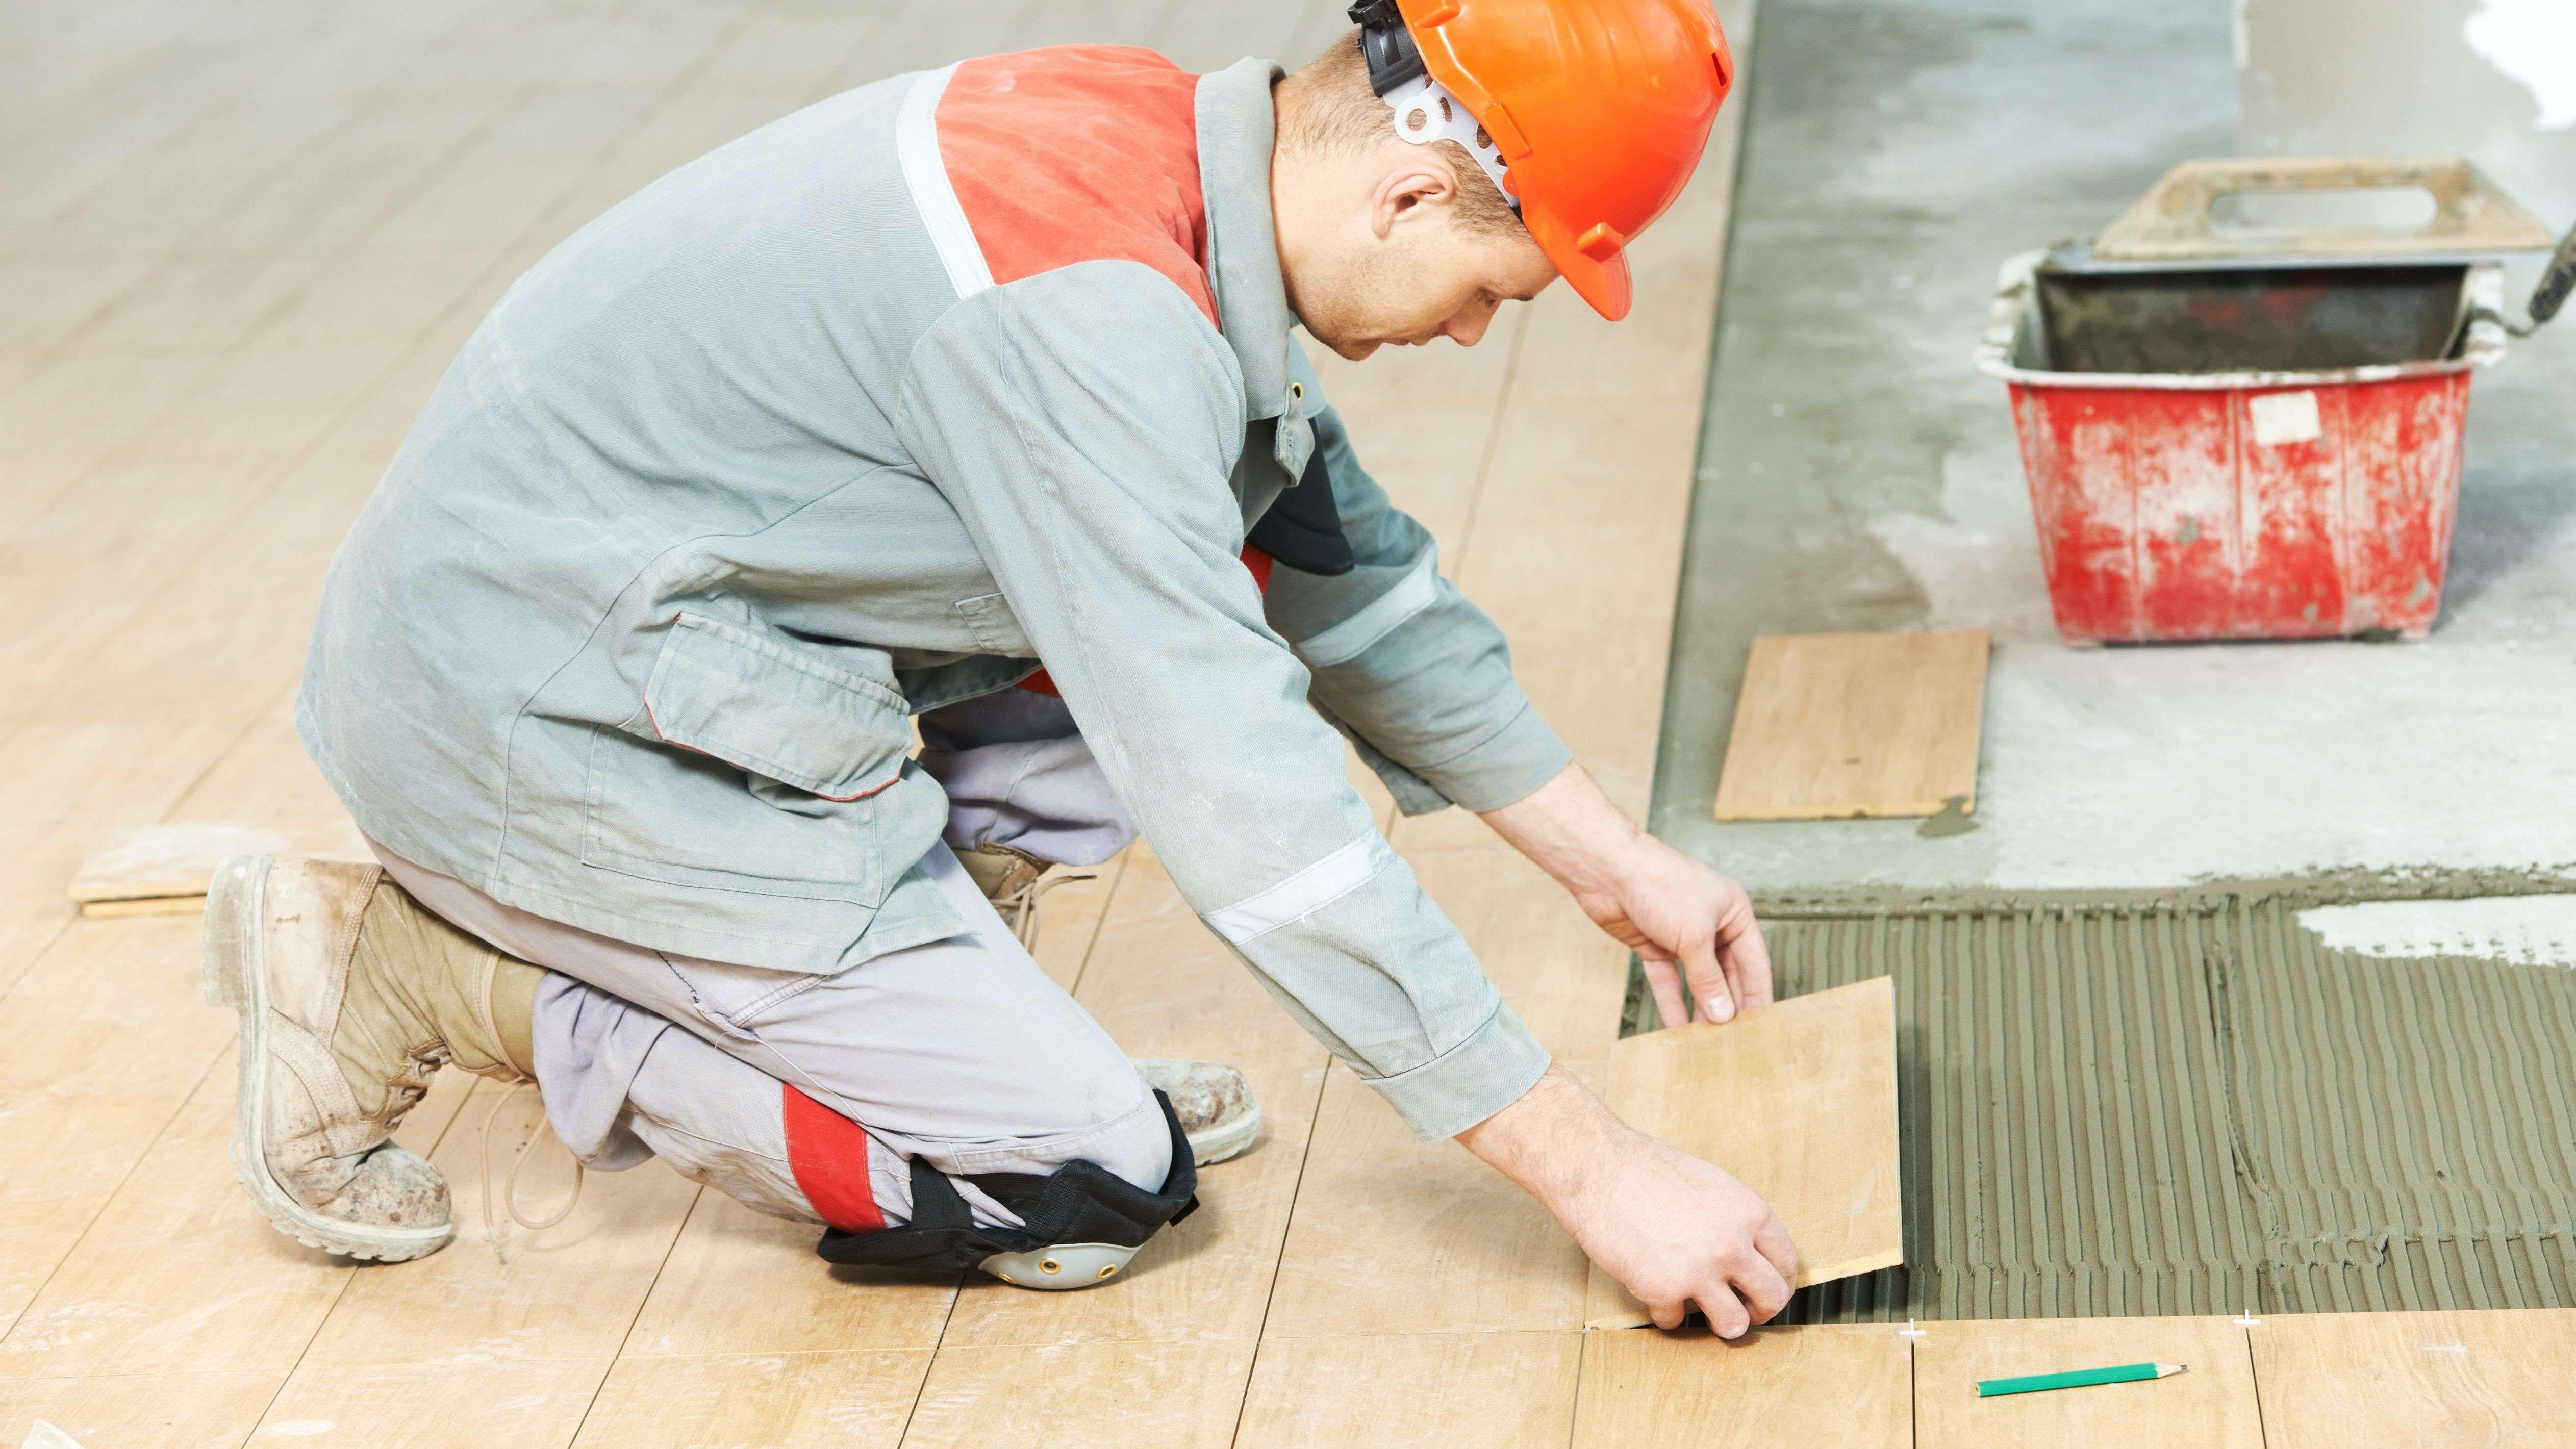 EPI carreleur : quel équipement de protection individuelle pour un carreleur